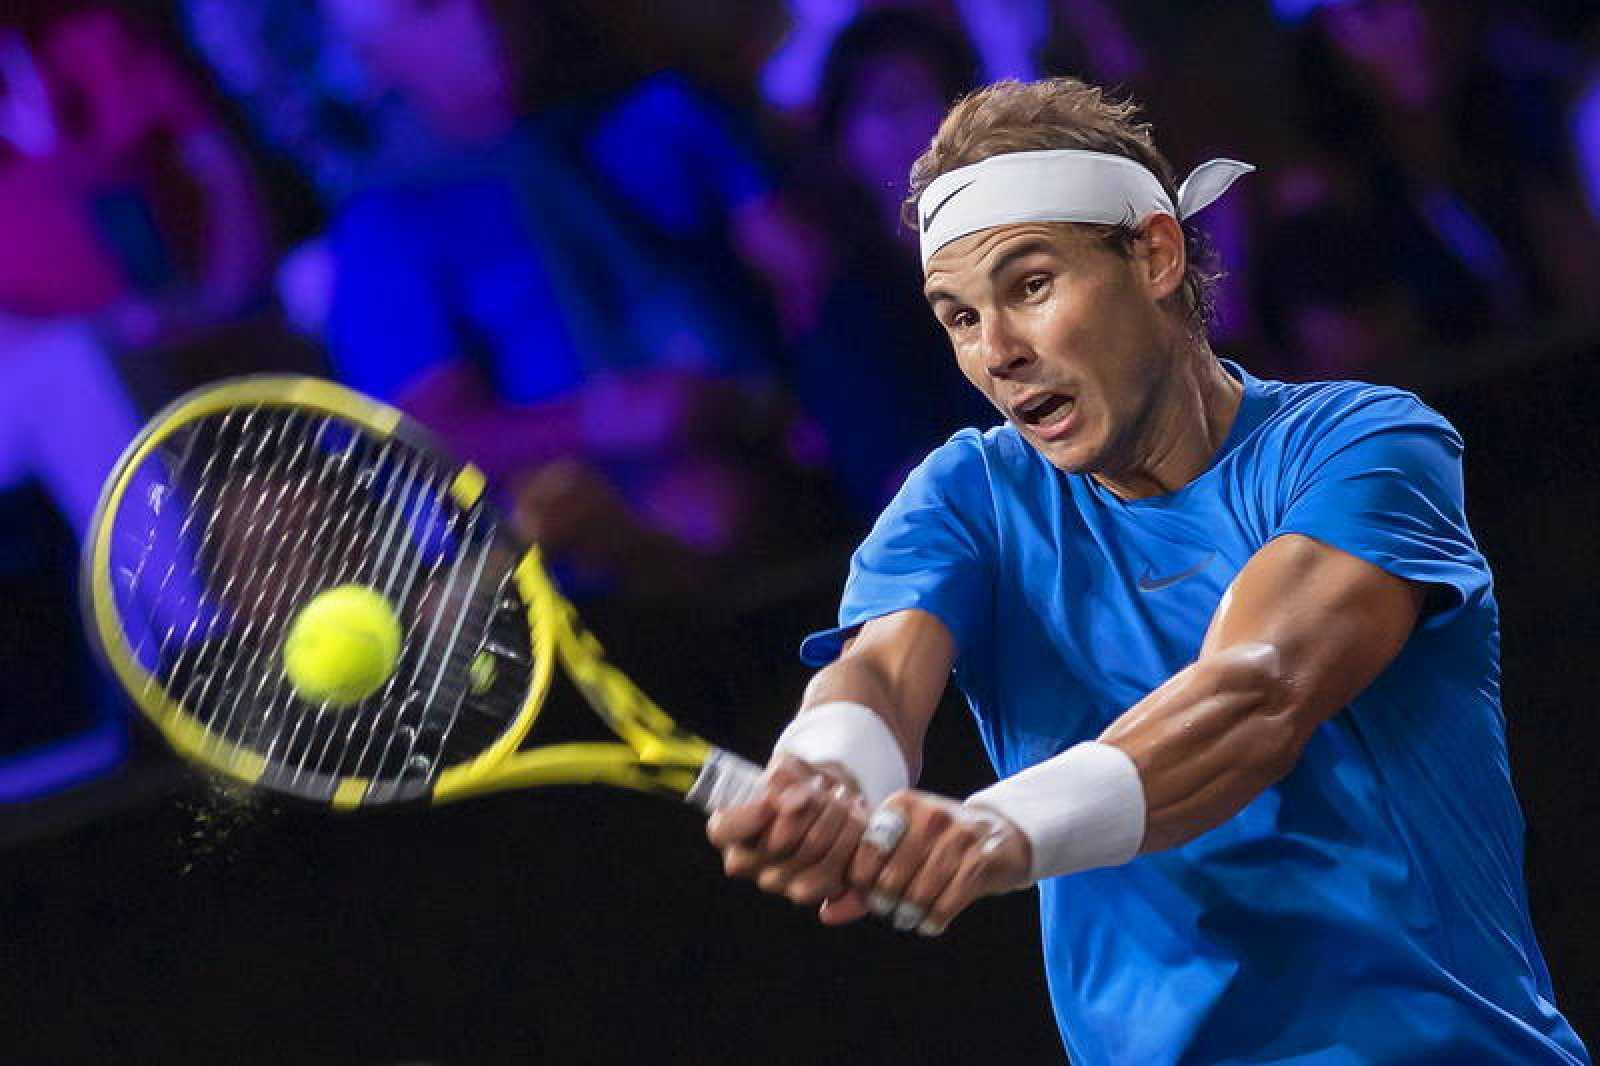 Laver Cup tennis event in Geneva